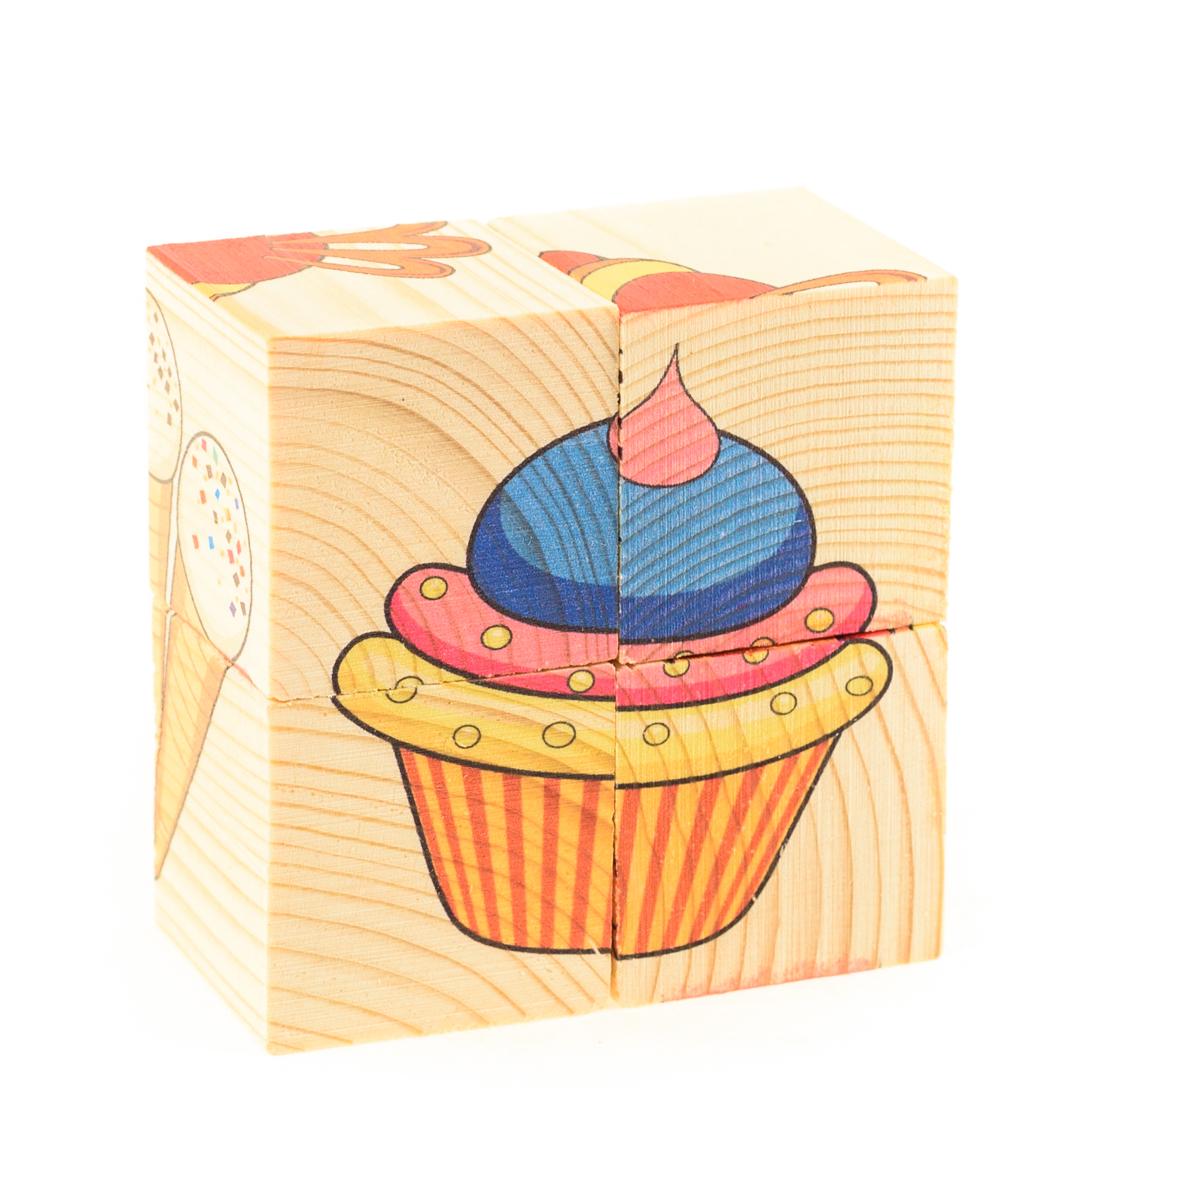 Развивающие деревянные игрушки Кубики СладостиД492аКубики из натурального дерева - любимая игрушка каждого ребенка. Кубики обожают дети. Игру с кубиками в детстве с удовольствием и теплом вспоминают взрослые. Для кубиков серии Развивающие деревянные игрушки используется только натуральное отечественное дерево мягких пород с минимальной обработкой, что позволило максимально сохранить ощущение фактуры дерева и его аромата. Яркие, контрастные и понятные ребенку иллюстрации нанесены экологичными красками. Кубики из дерева - не только прекрасный строительный материал для вполощения детских фантазий, но и удобное пособие для развития зрительной памяти, логики и мелкой моторики у детей. Объясните ребенку, что на каждой грани кубика нанесена часть картинки, а если 4 картинки собрать вместе, получится изображение. Покажите ему пример. С помощью набора Собери рисунок. Кубики-пазл. СЛАДОСТИ можно собрать 6 разных изображений сладких лакомств. ВНИМАНИЕ! Детали игрушки выполнены из натурального дерева (деревоматериала) без покрытия лаками...